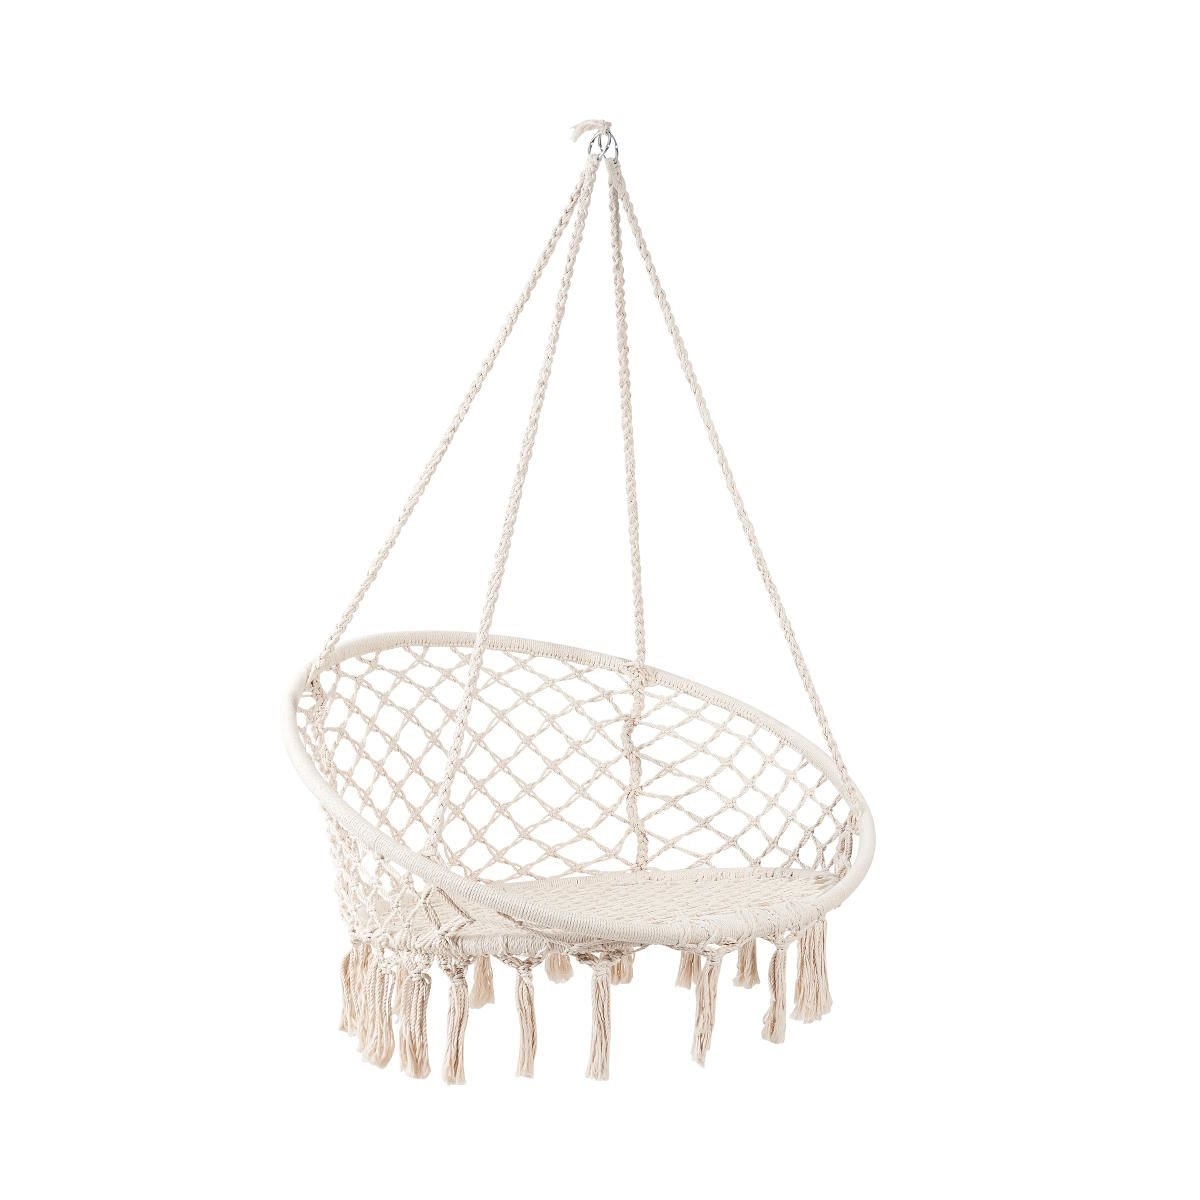 BUTLERS Paradise Now Hängesessel mit Fransen, 145x100 cm - Creme Weißer Sessel zum Aufhängen bis 100 kg - Hängematte